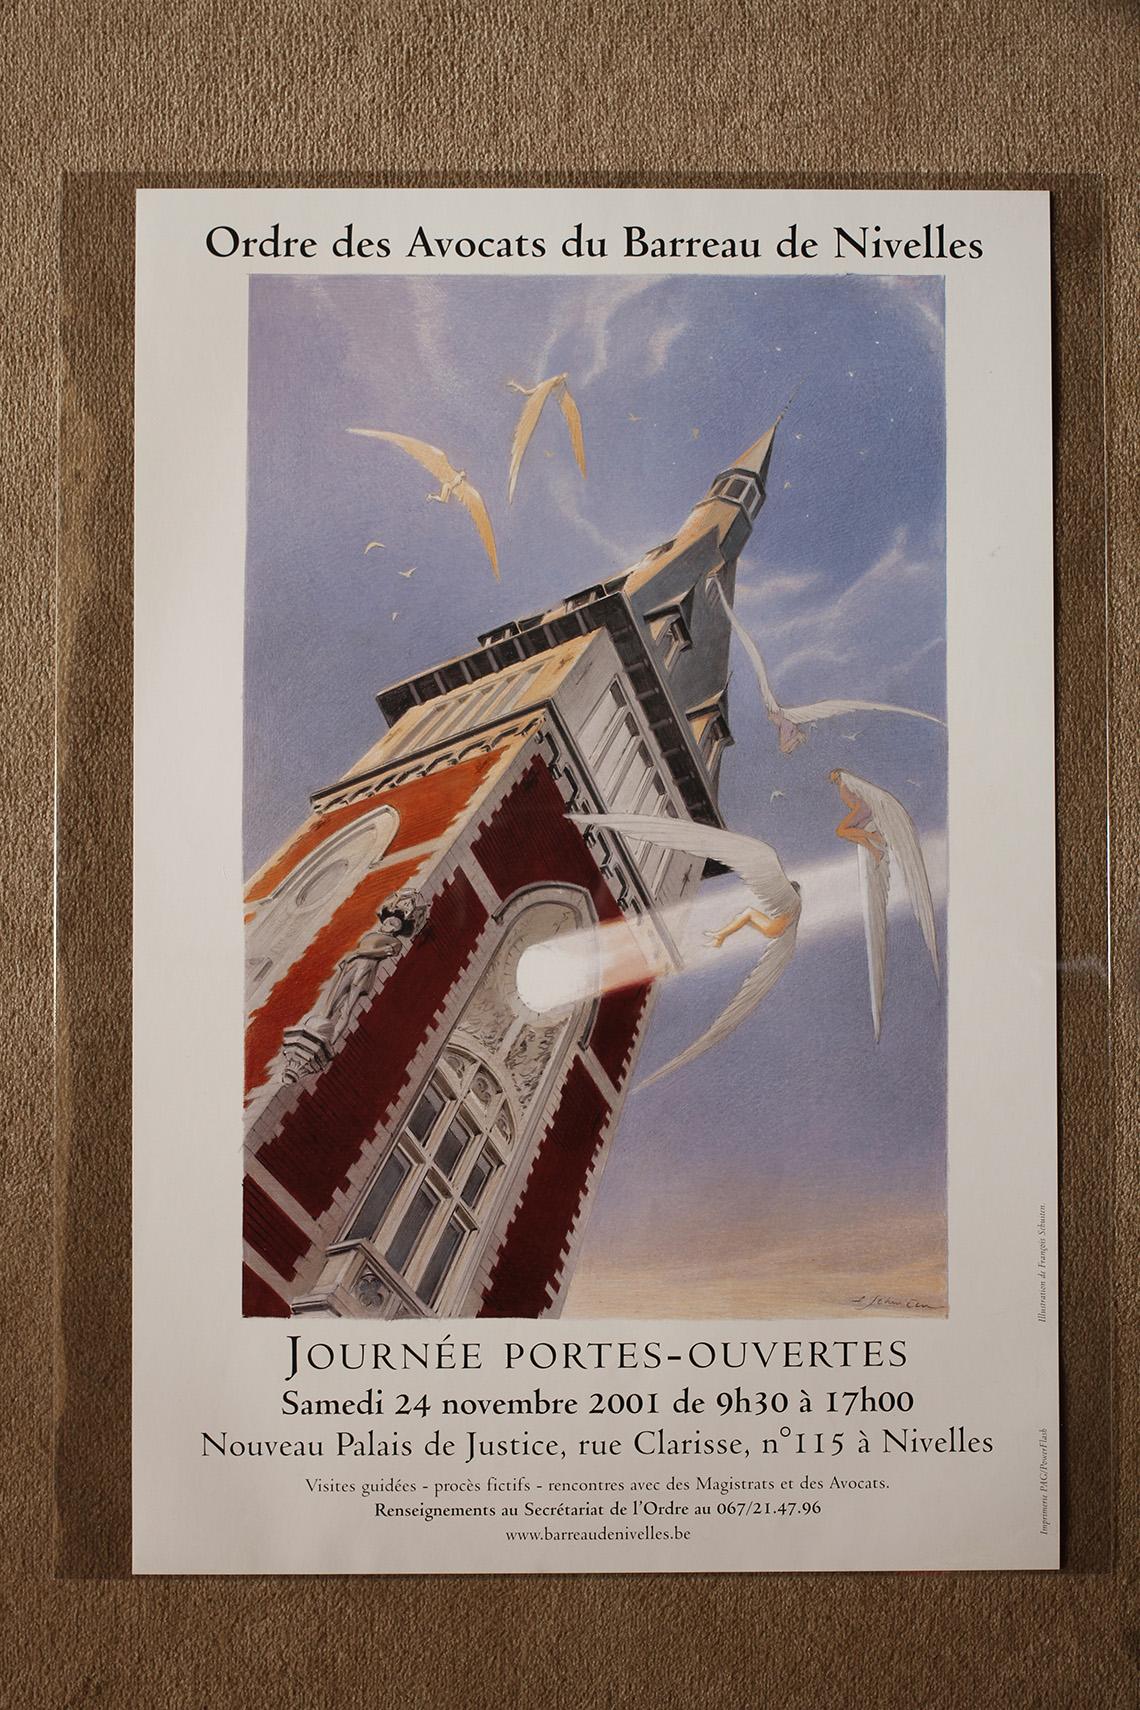 Ordre des avocats du Barreau de Nivelles.© François Schuiten, 2001